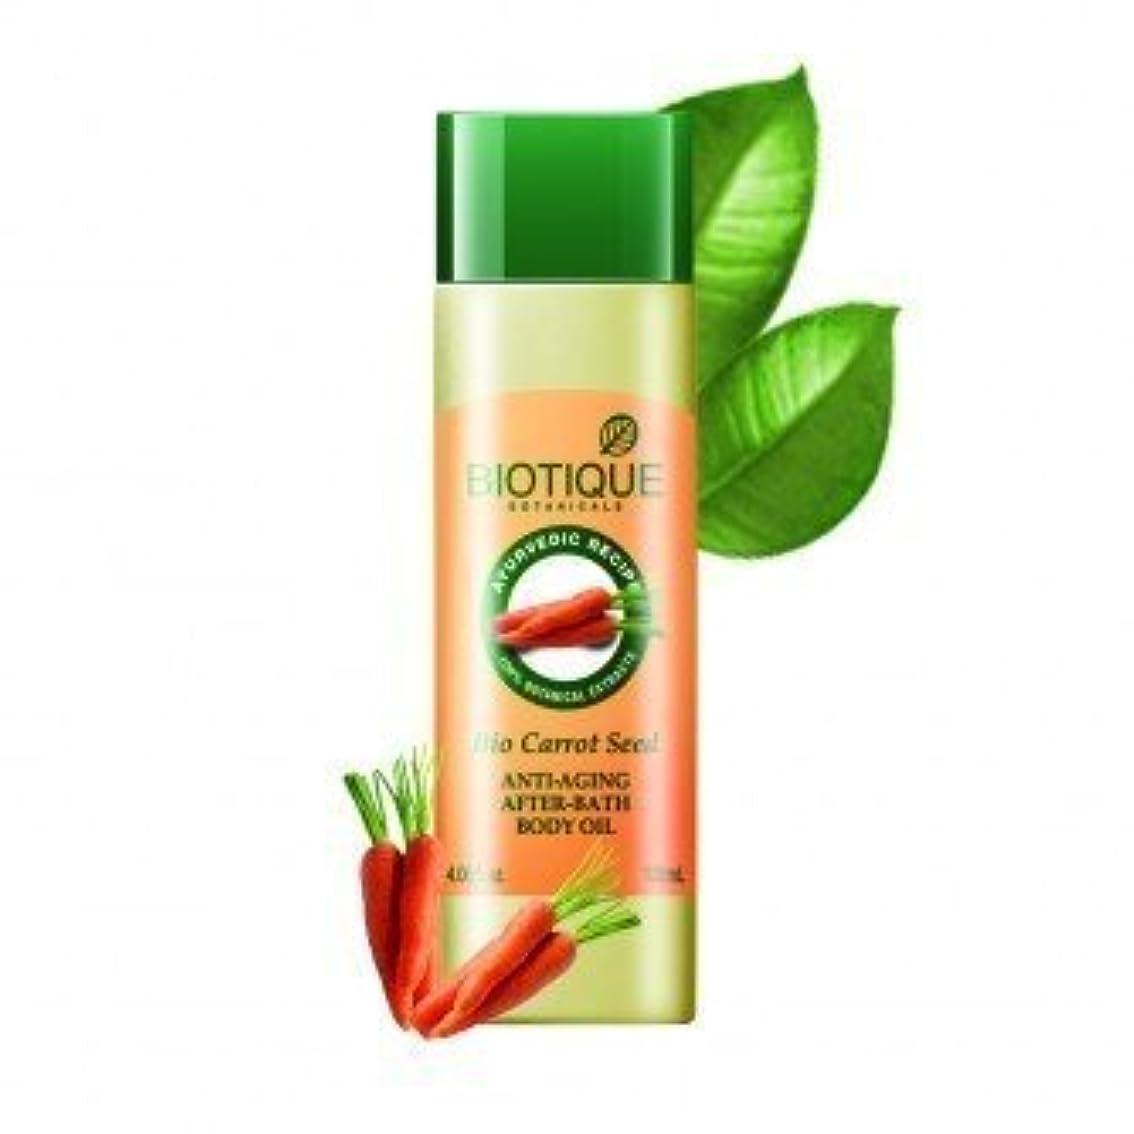 白菜頬白内障Biotique Bio Carrot Seed Anti-Aging After-Bath Body Oil 120 Ml (Ship From India)